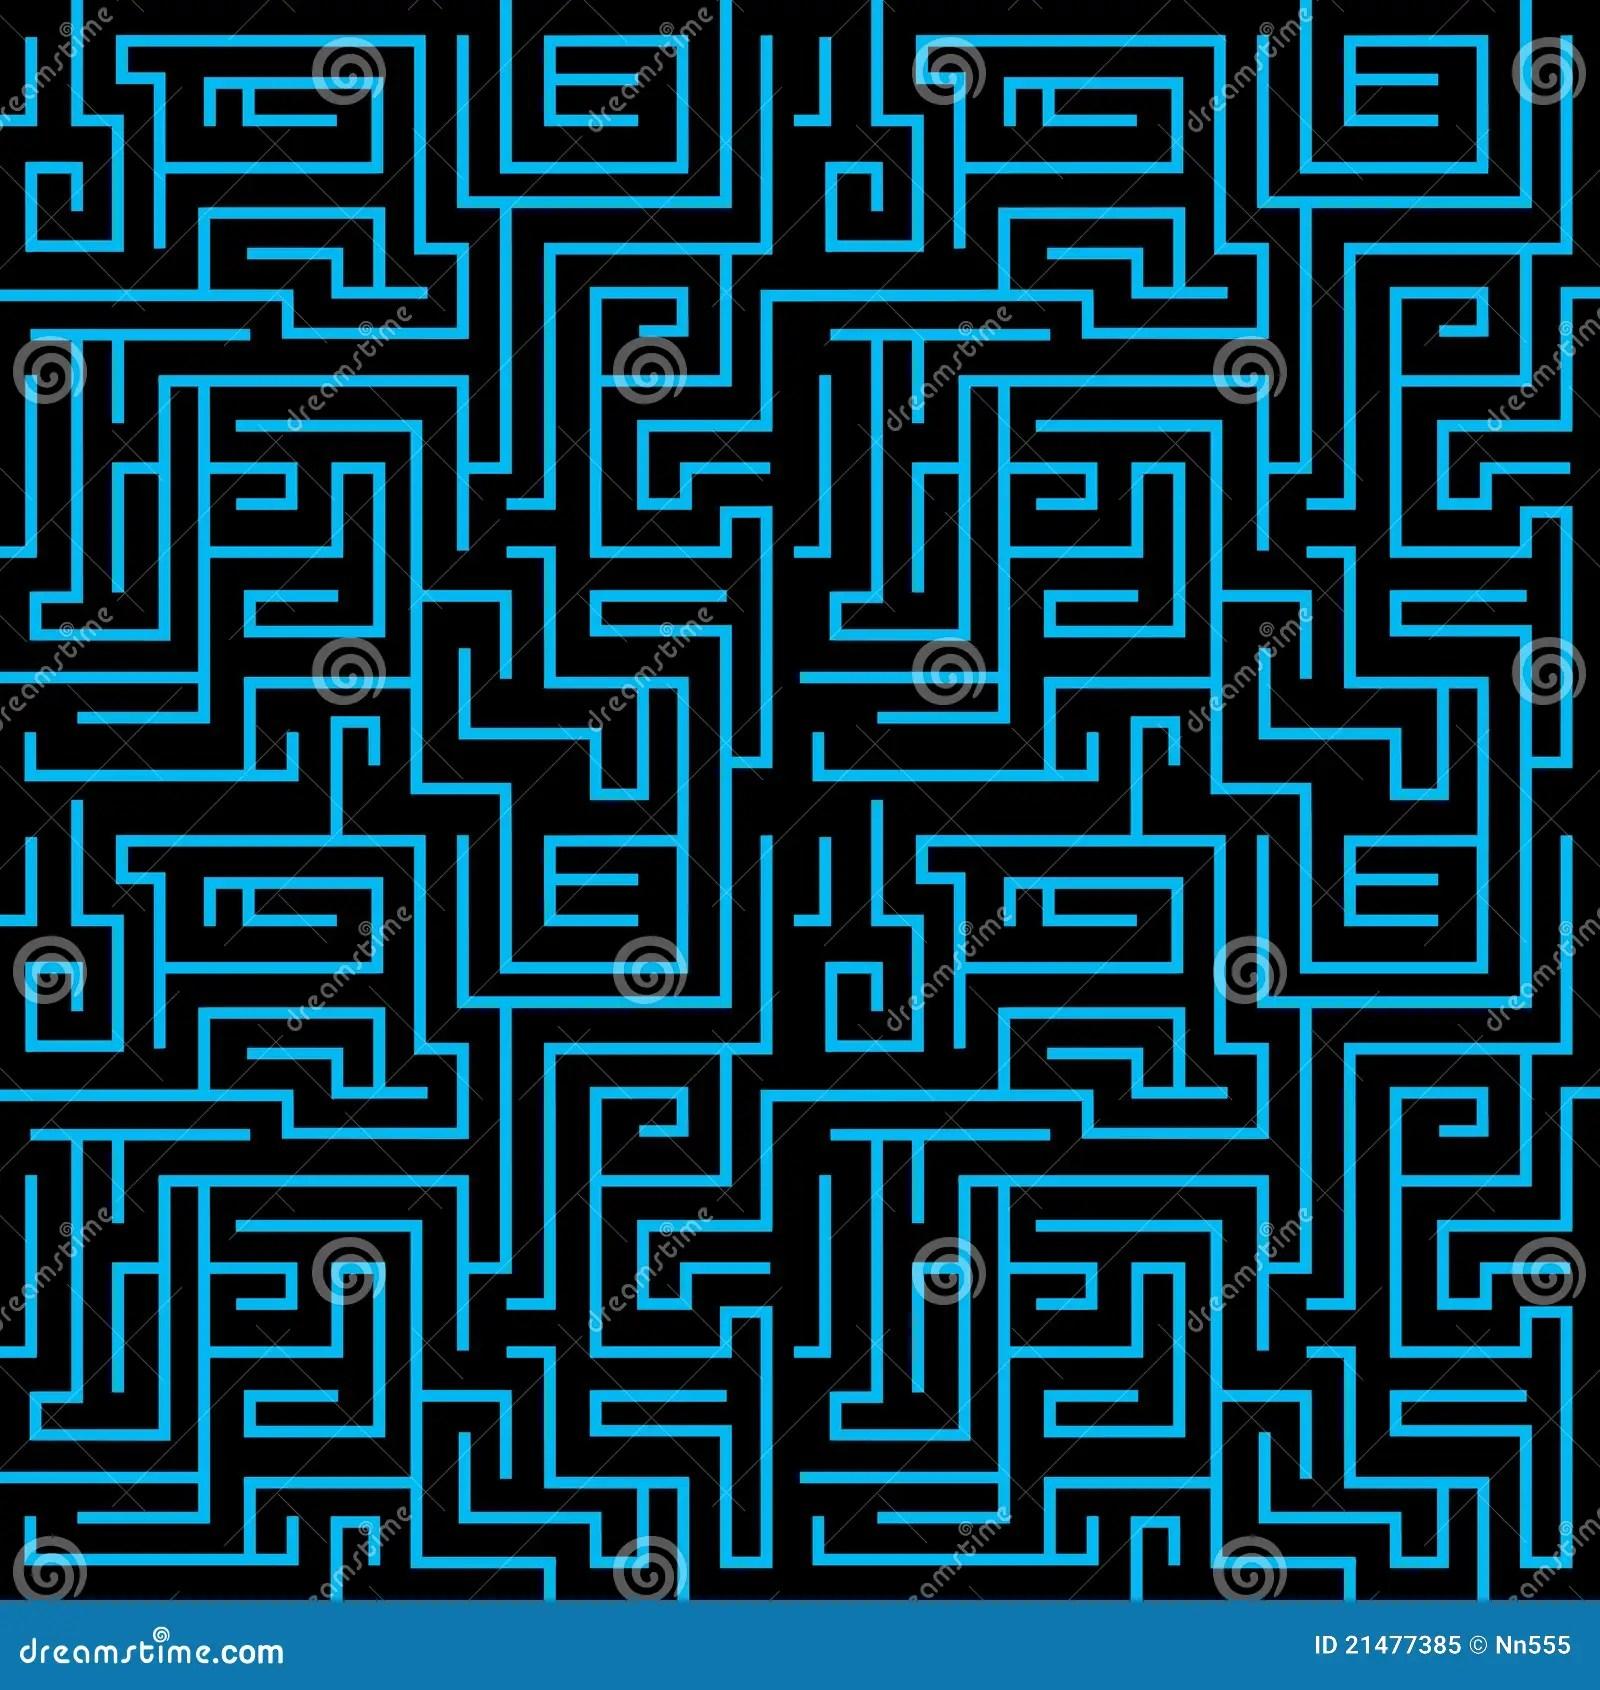 Maze Background Royalty Free Stock Photo Image 21477385